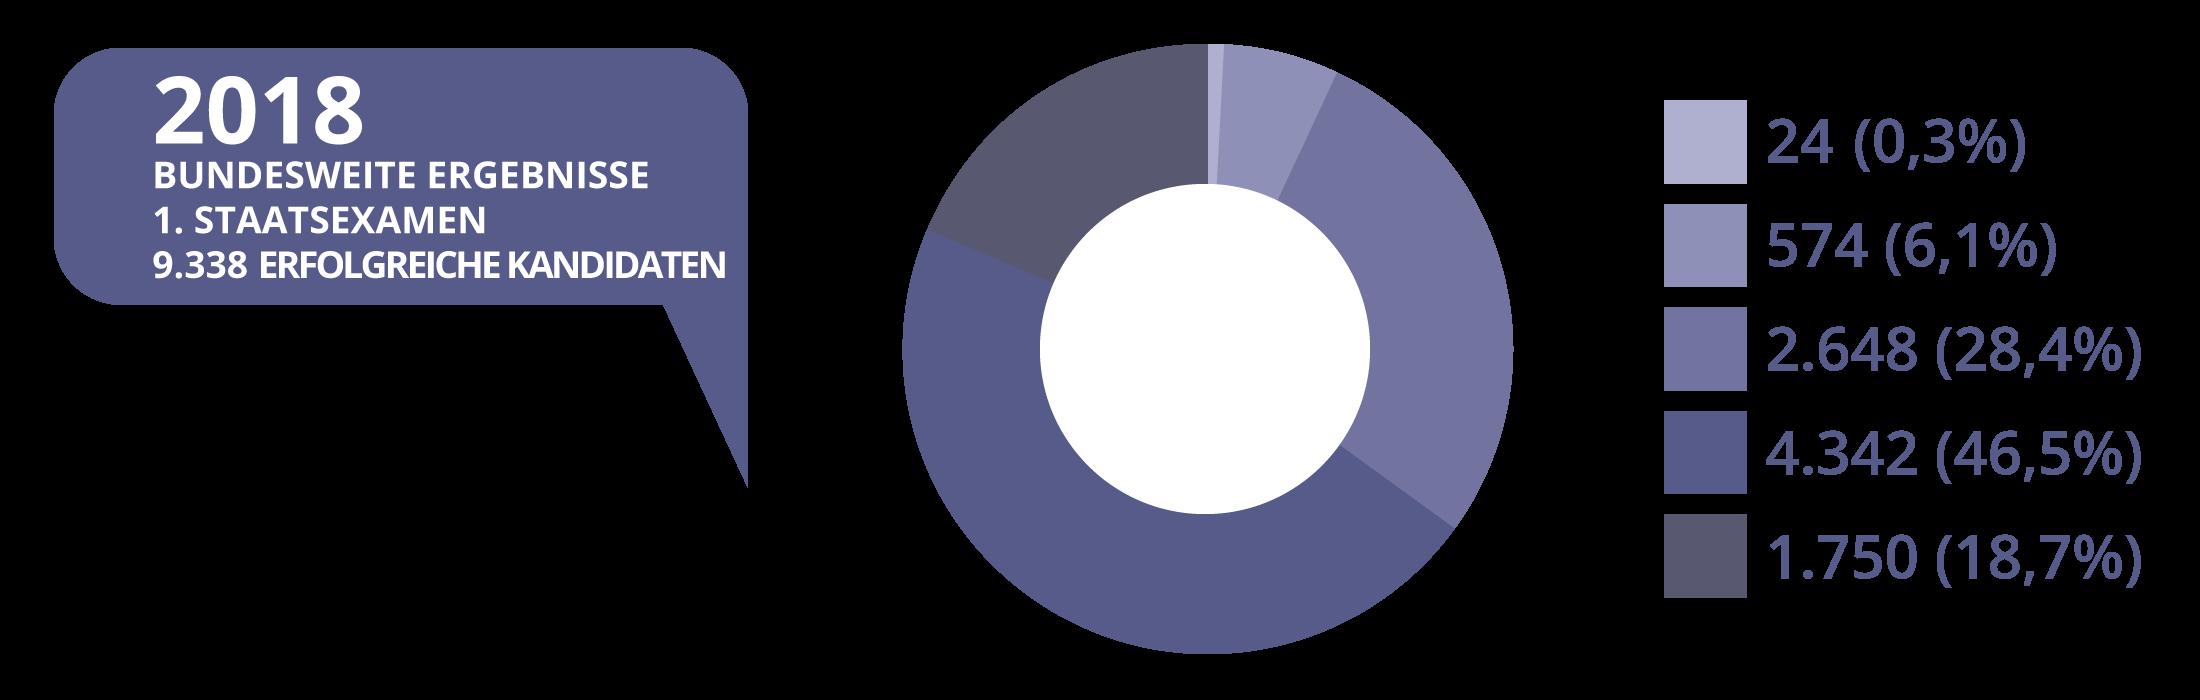 JurCase - Kreisdiagramm - 2018 - Ergebnisse Erstes Staatsexamen A